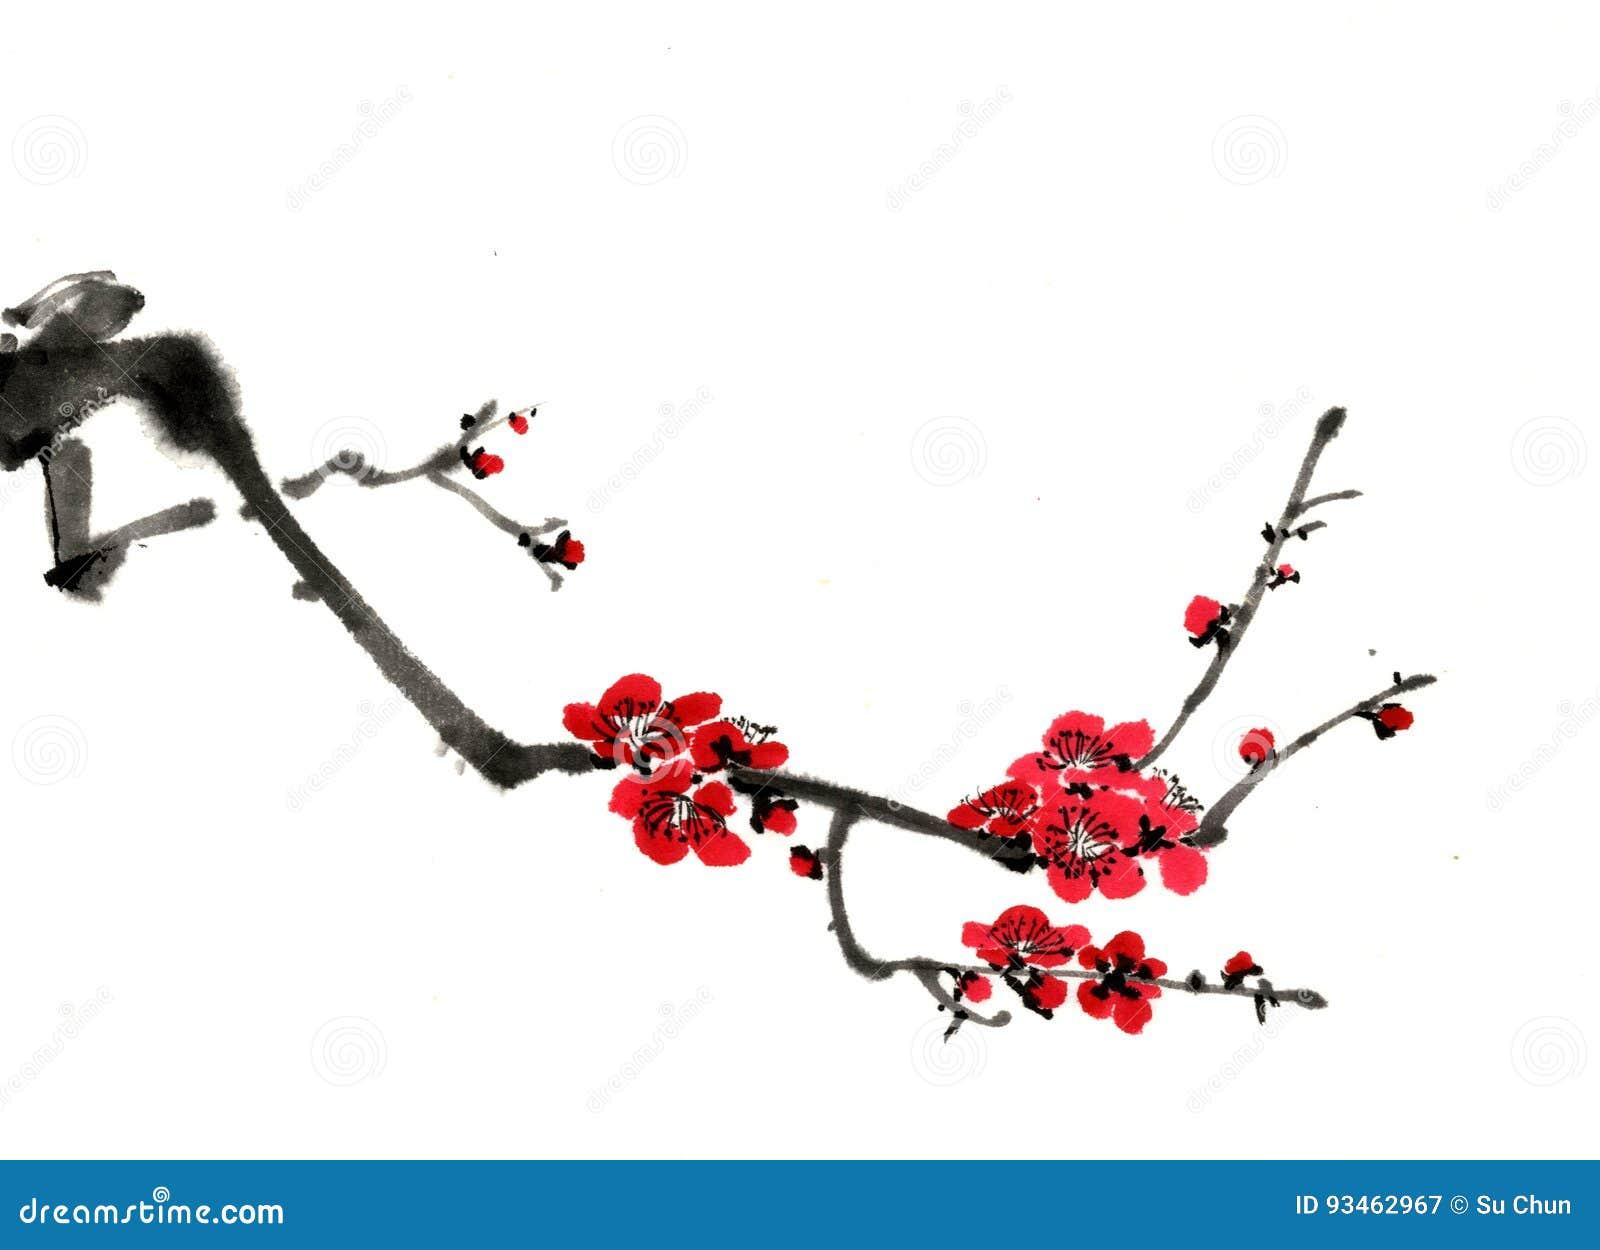 Desenhos Do Chines Estilo Esbocos Flor Da Ameixa Imagem De Stock